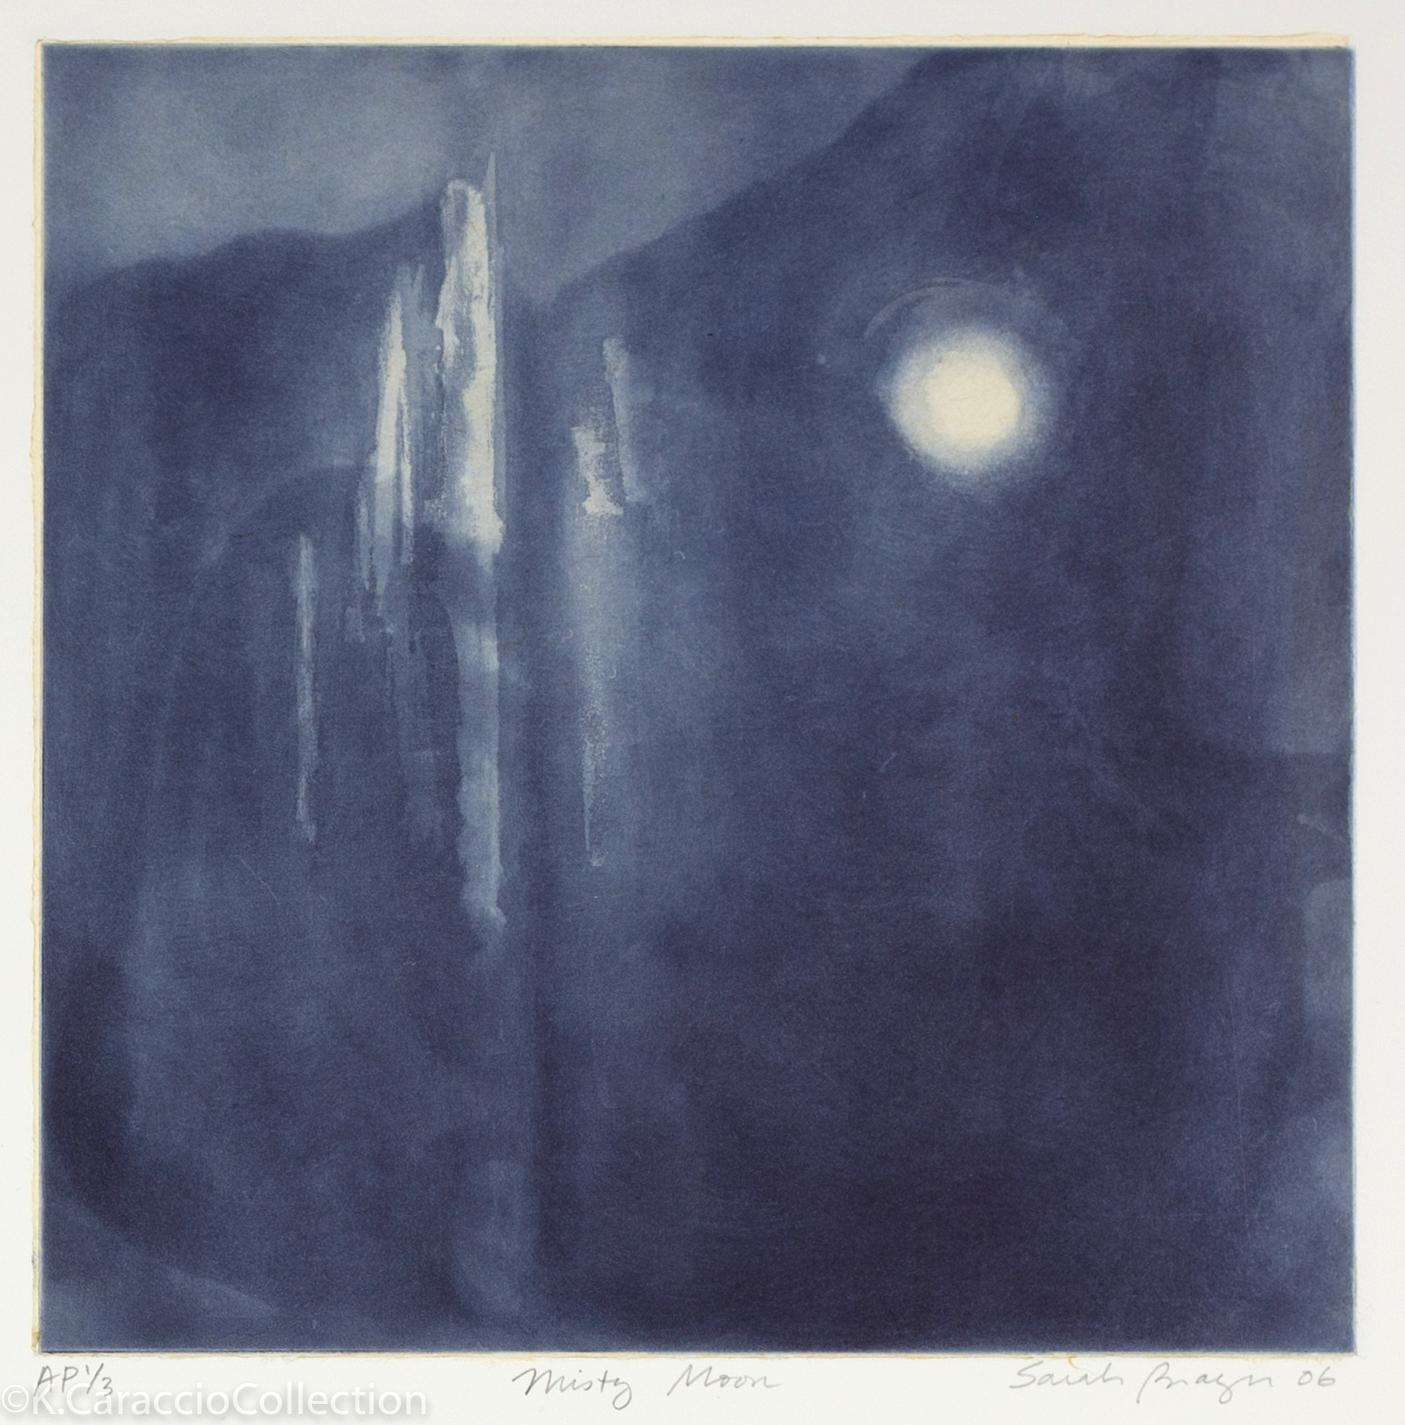 Misty Moon, 2005